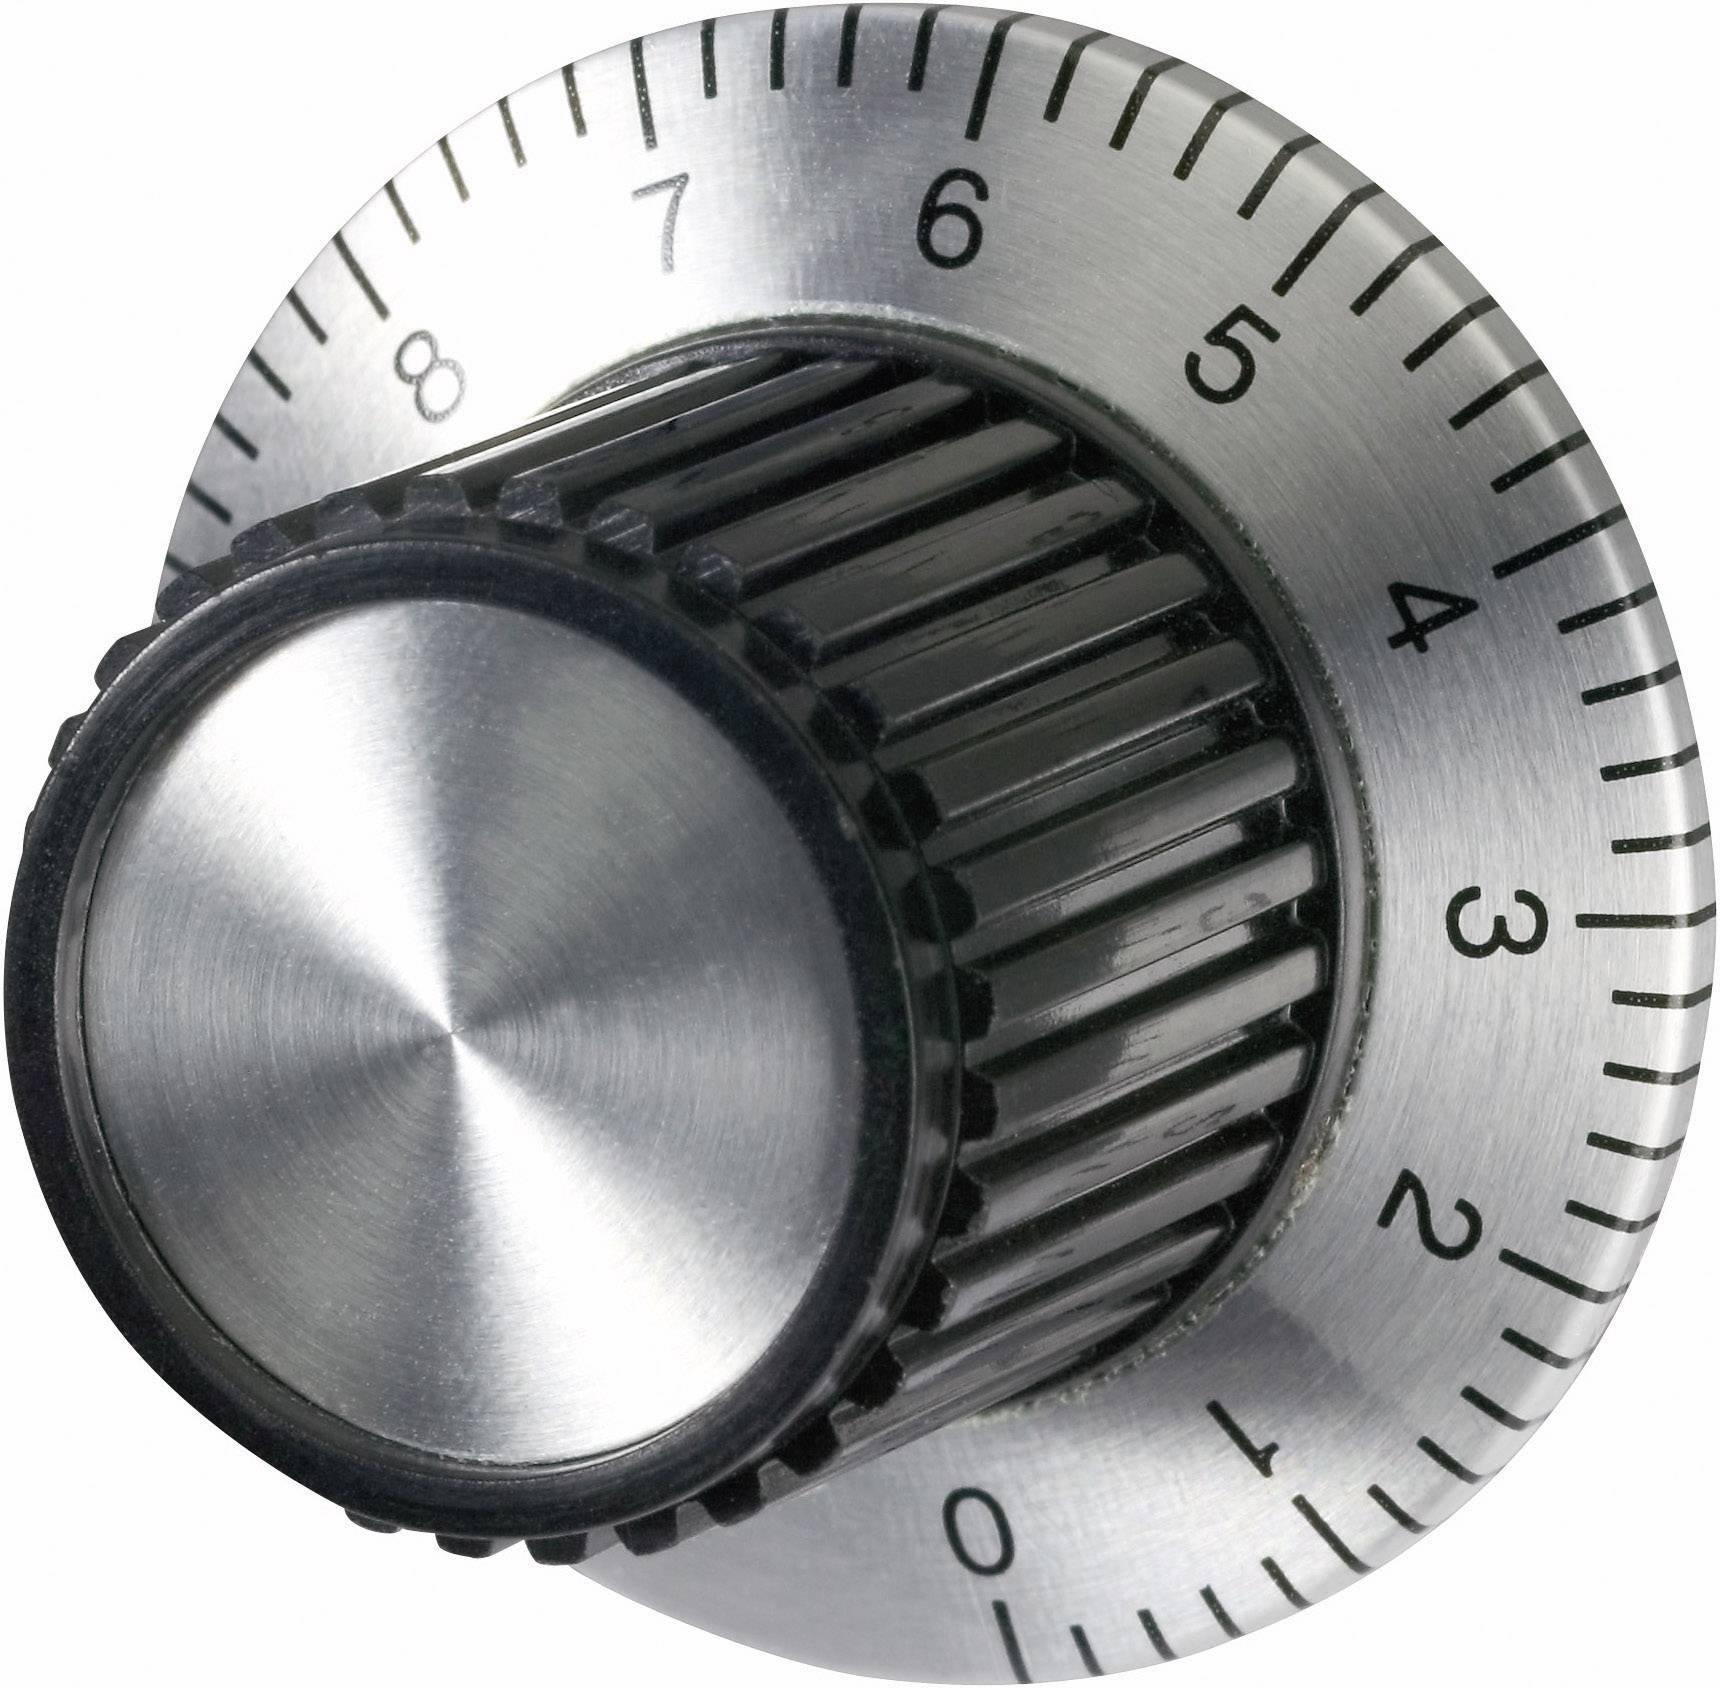 Univerzální otočný knoflík se stupnicí, 23 x 37 x 23,3 mm, 6 mm, stříbrná